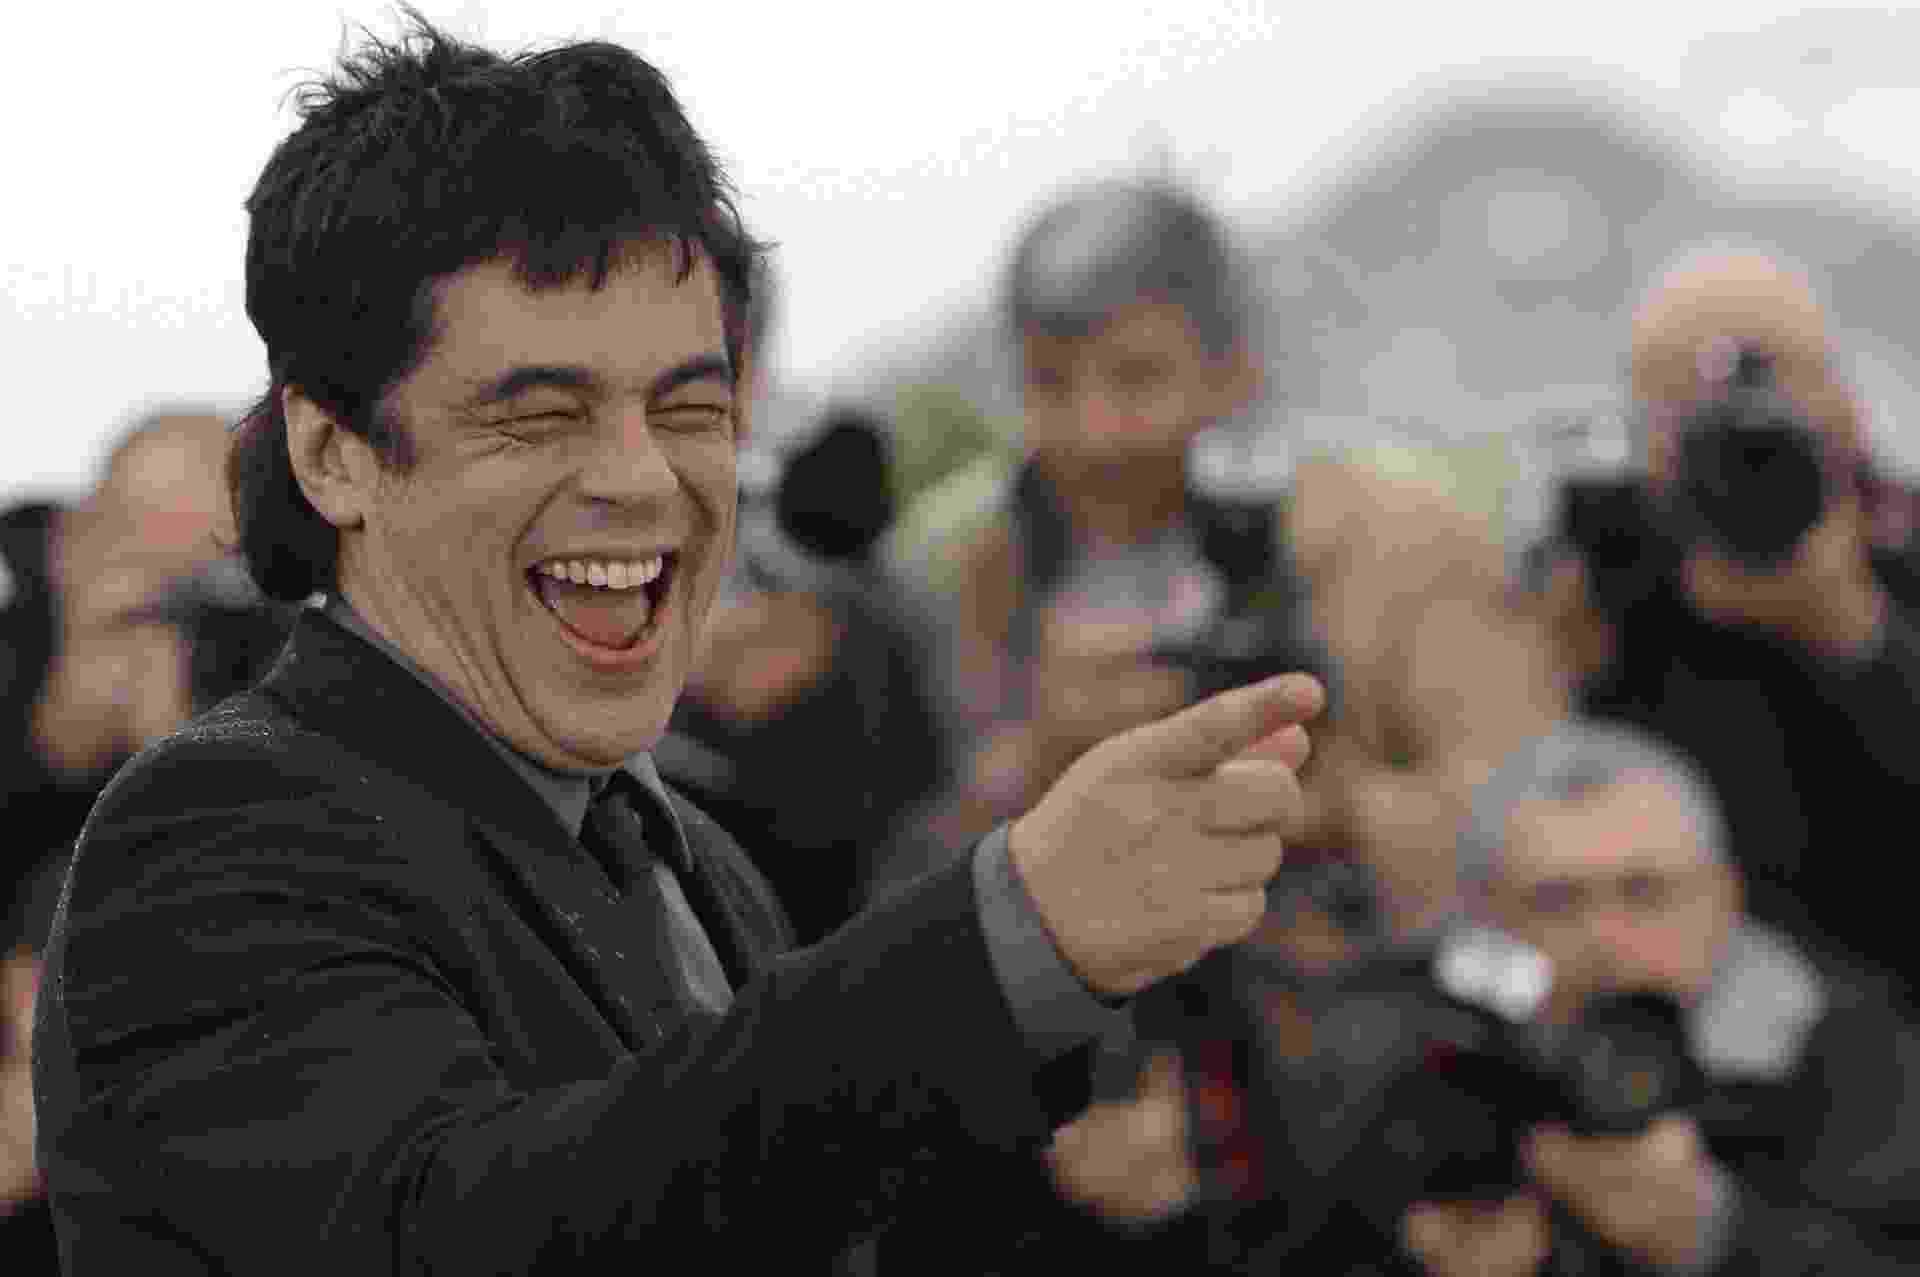 """18.mai.2013 - Ator Benicio Del Toro se diverte em sessão de fotos para divulgar filme """"Jimmy P. Psychotherapy of a Plains Indian"""", que está na disputa pela Palma de Ouro - Anne-Christine Poujoulat/AFP"""